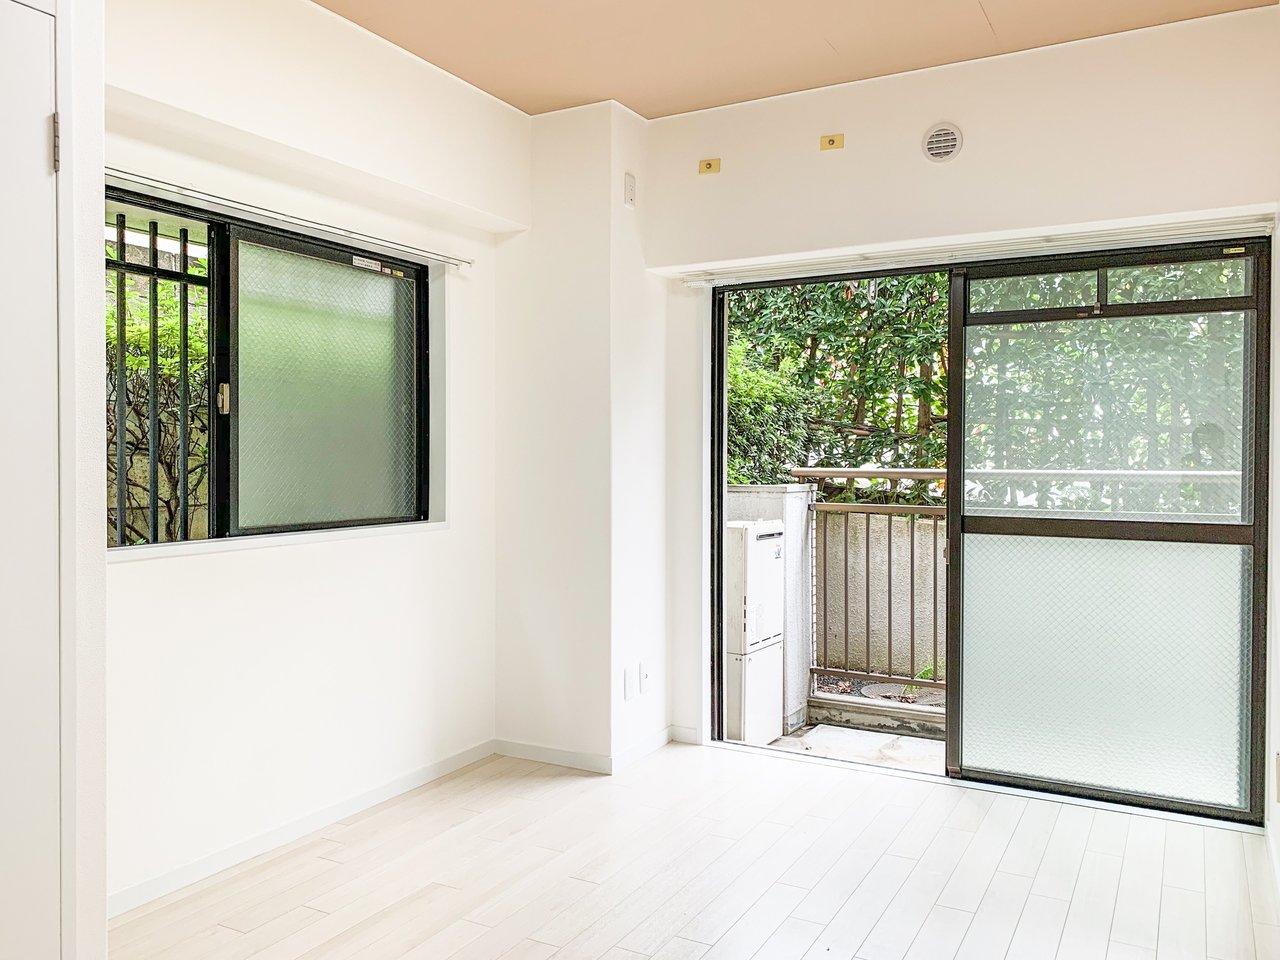 バルコニーに面した2つの部屋は、どちらも窓を開ければ緑がいっぱい。気持ちよく過ごせそう。